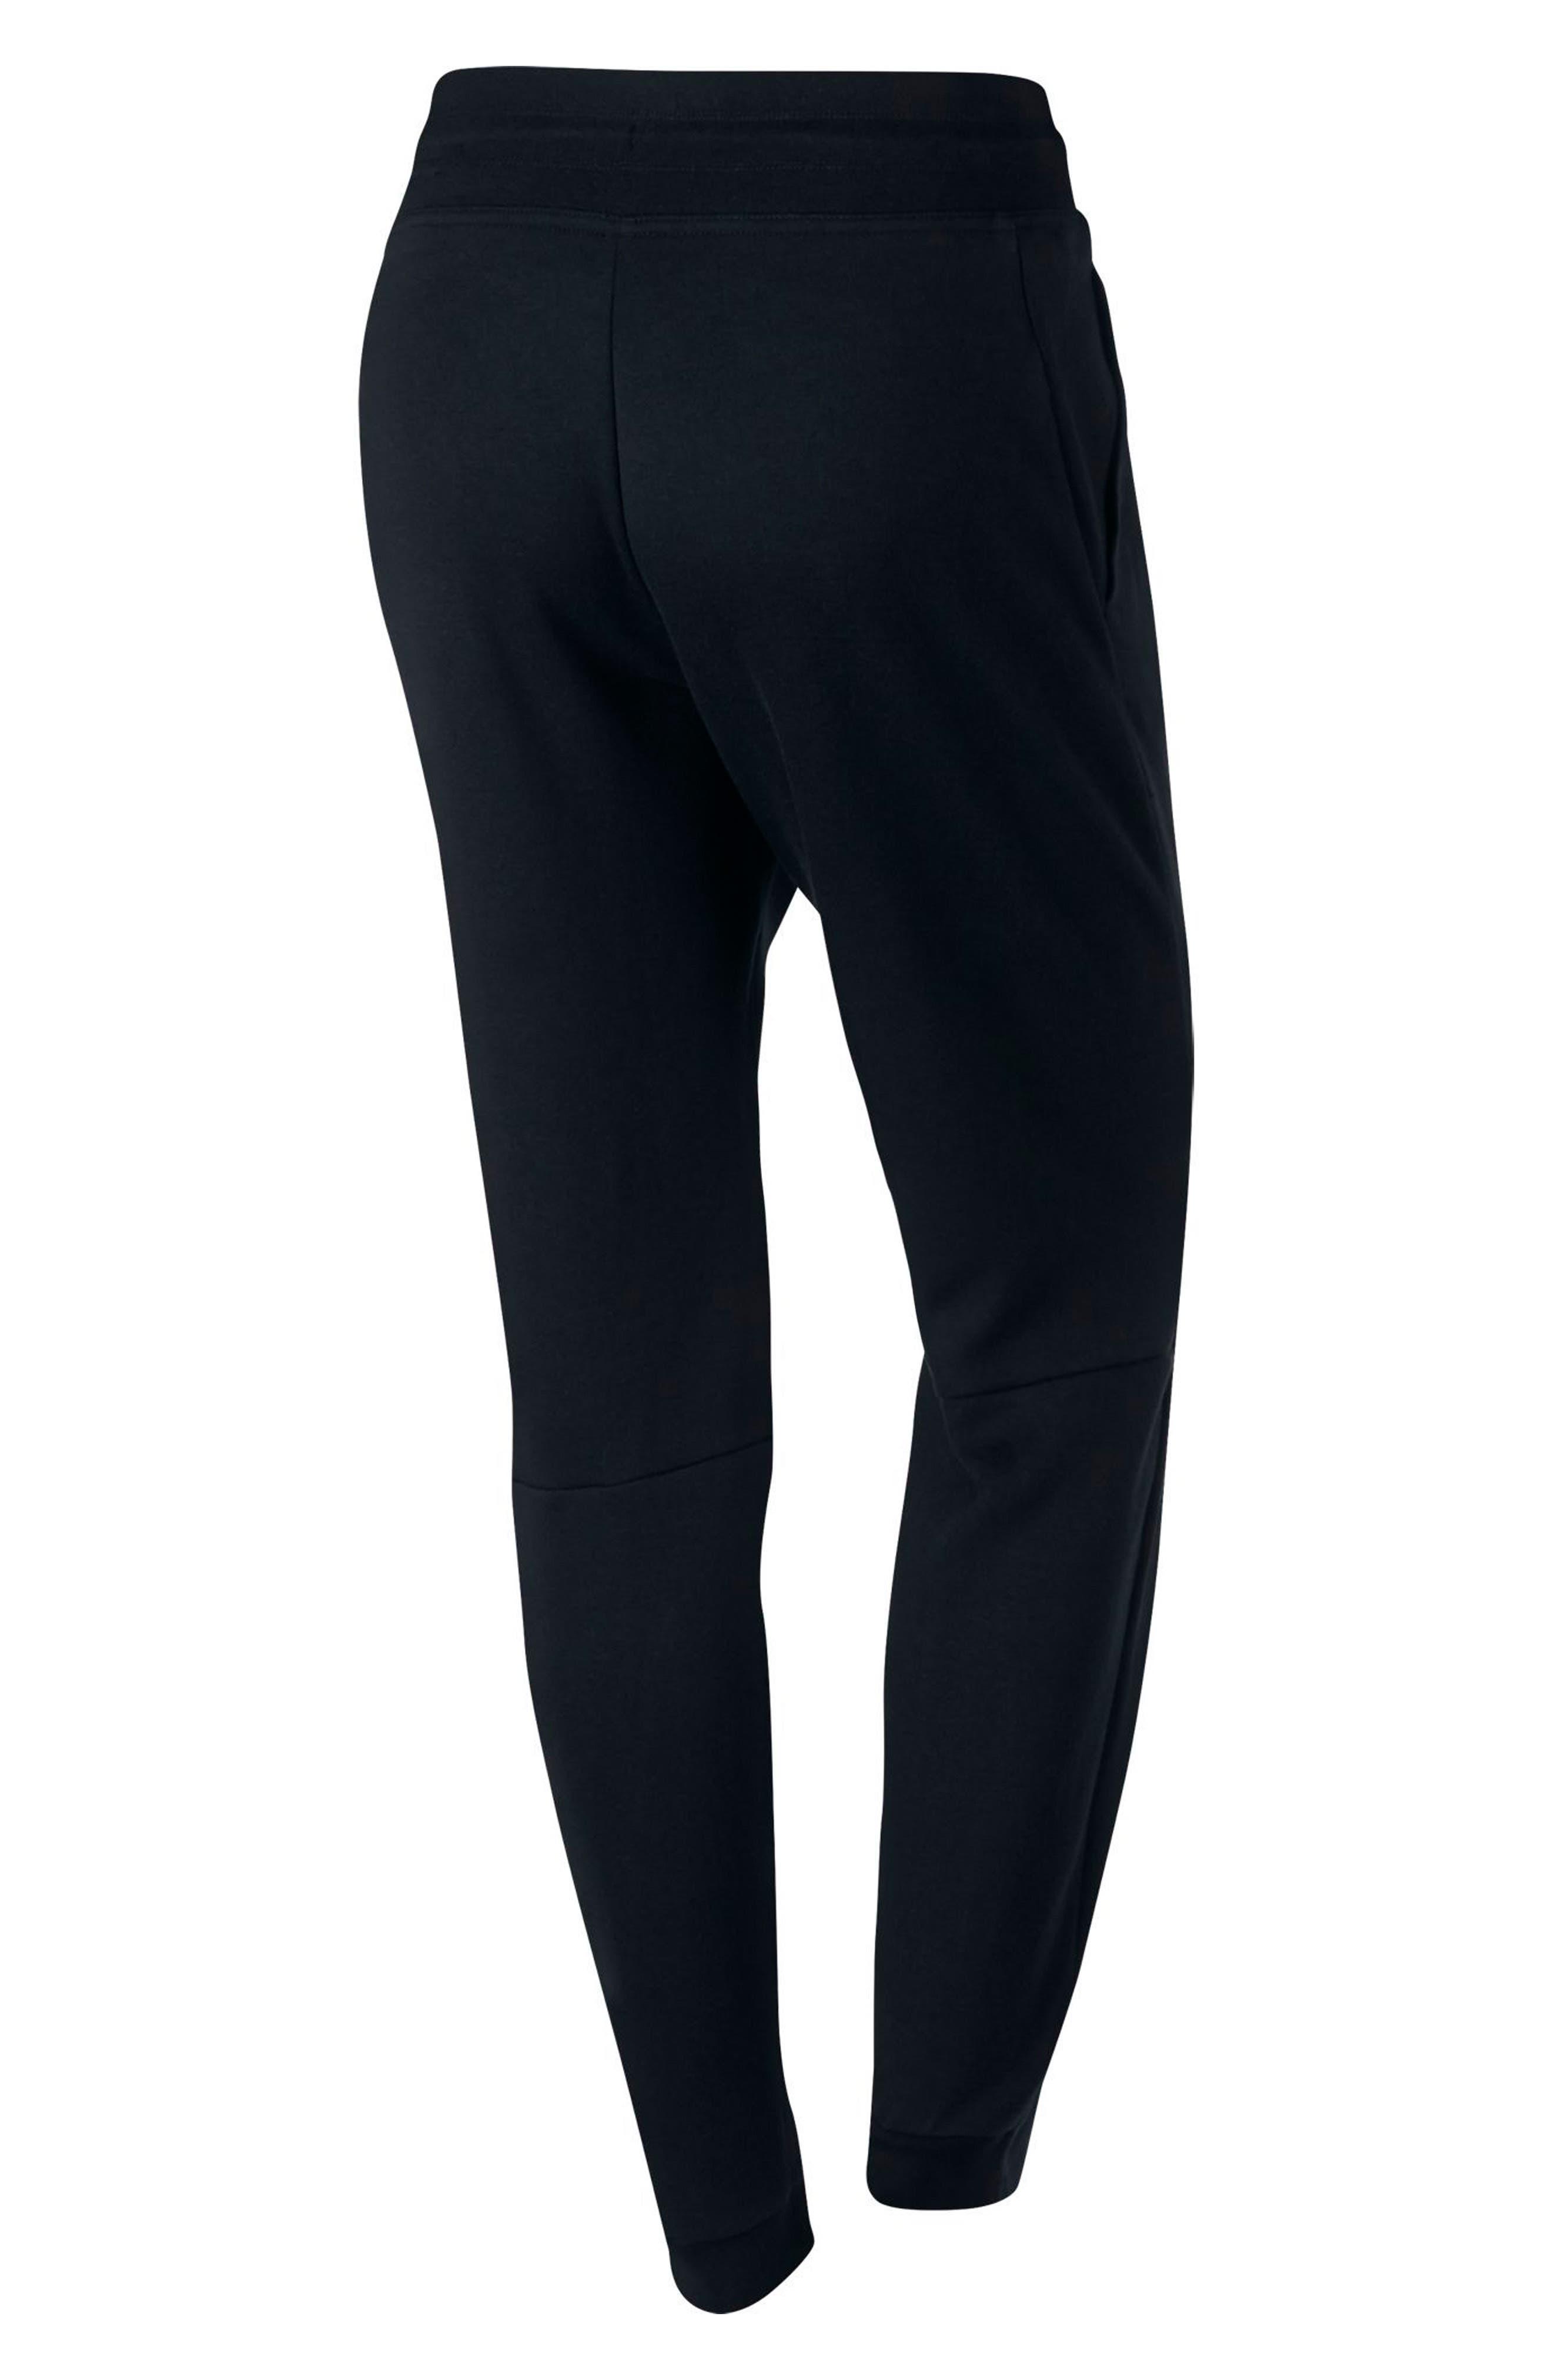 Sportswear Women's Tech Fleece Pants,                             Alternate thumbnail 7, color,                             010